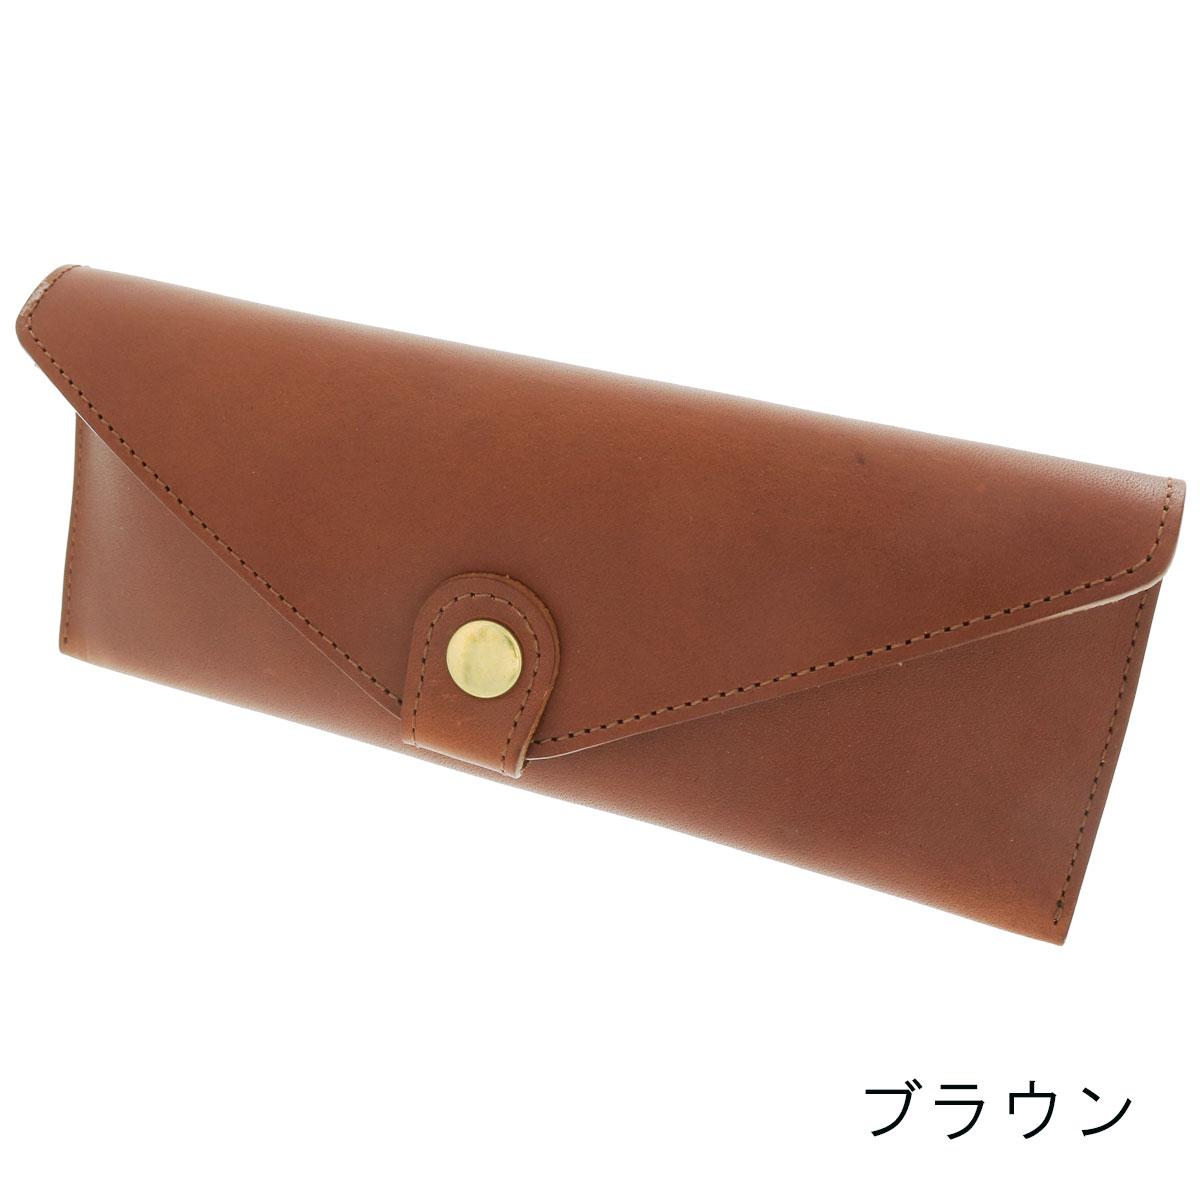 ホックペンケース 栃木レザーヌメ革